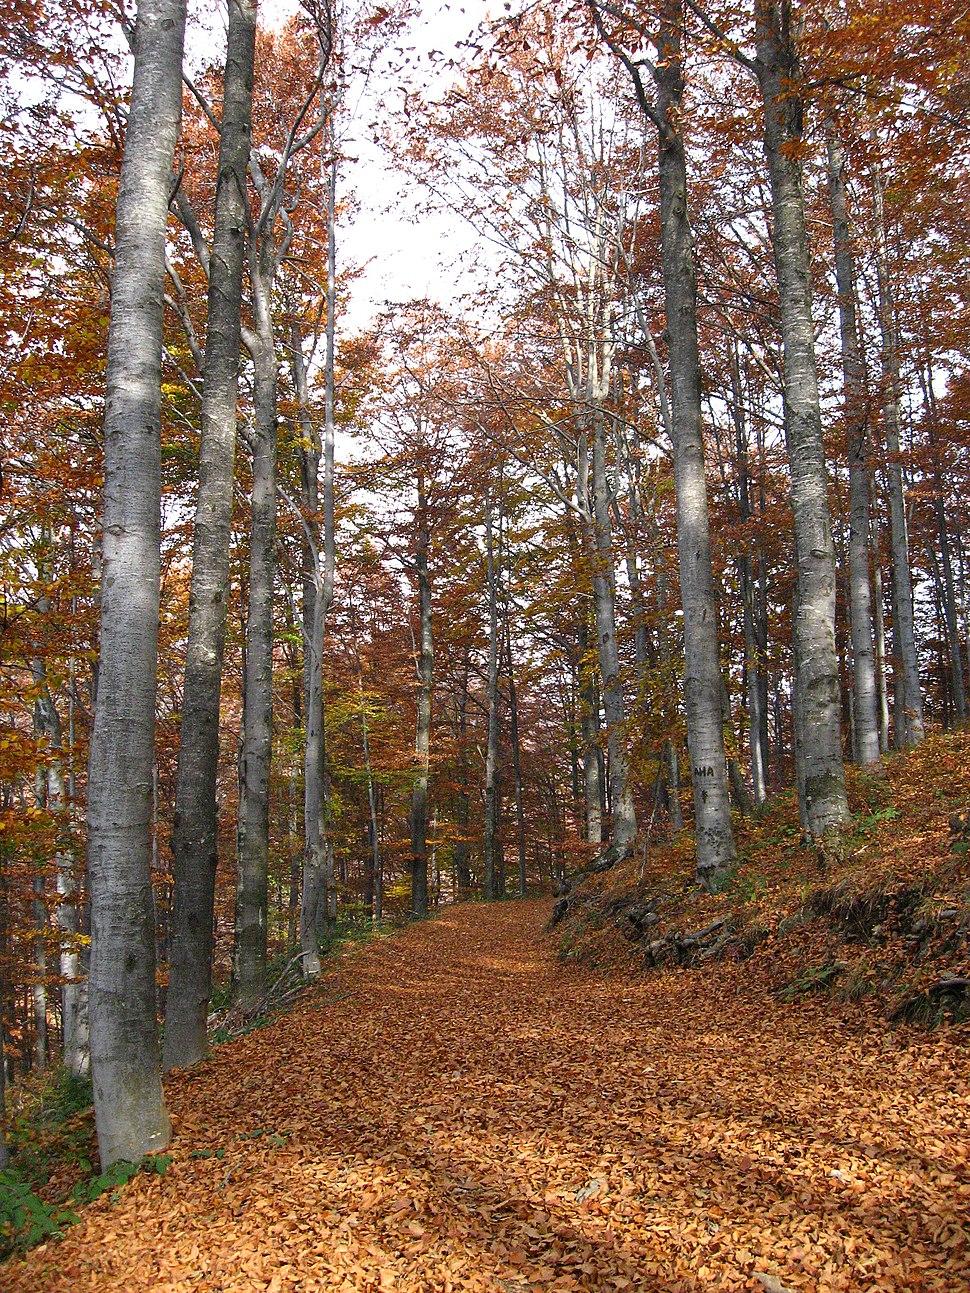 Jablanik - zapadna Srbija - mesto Debelo brdo - Na putu ka vrhu Jablanika - Bukova šuma u jesen 4